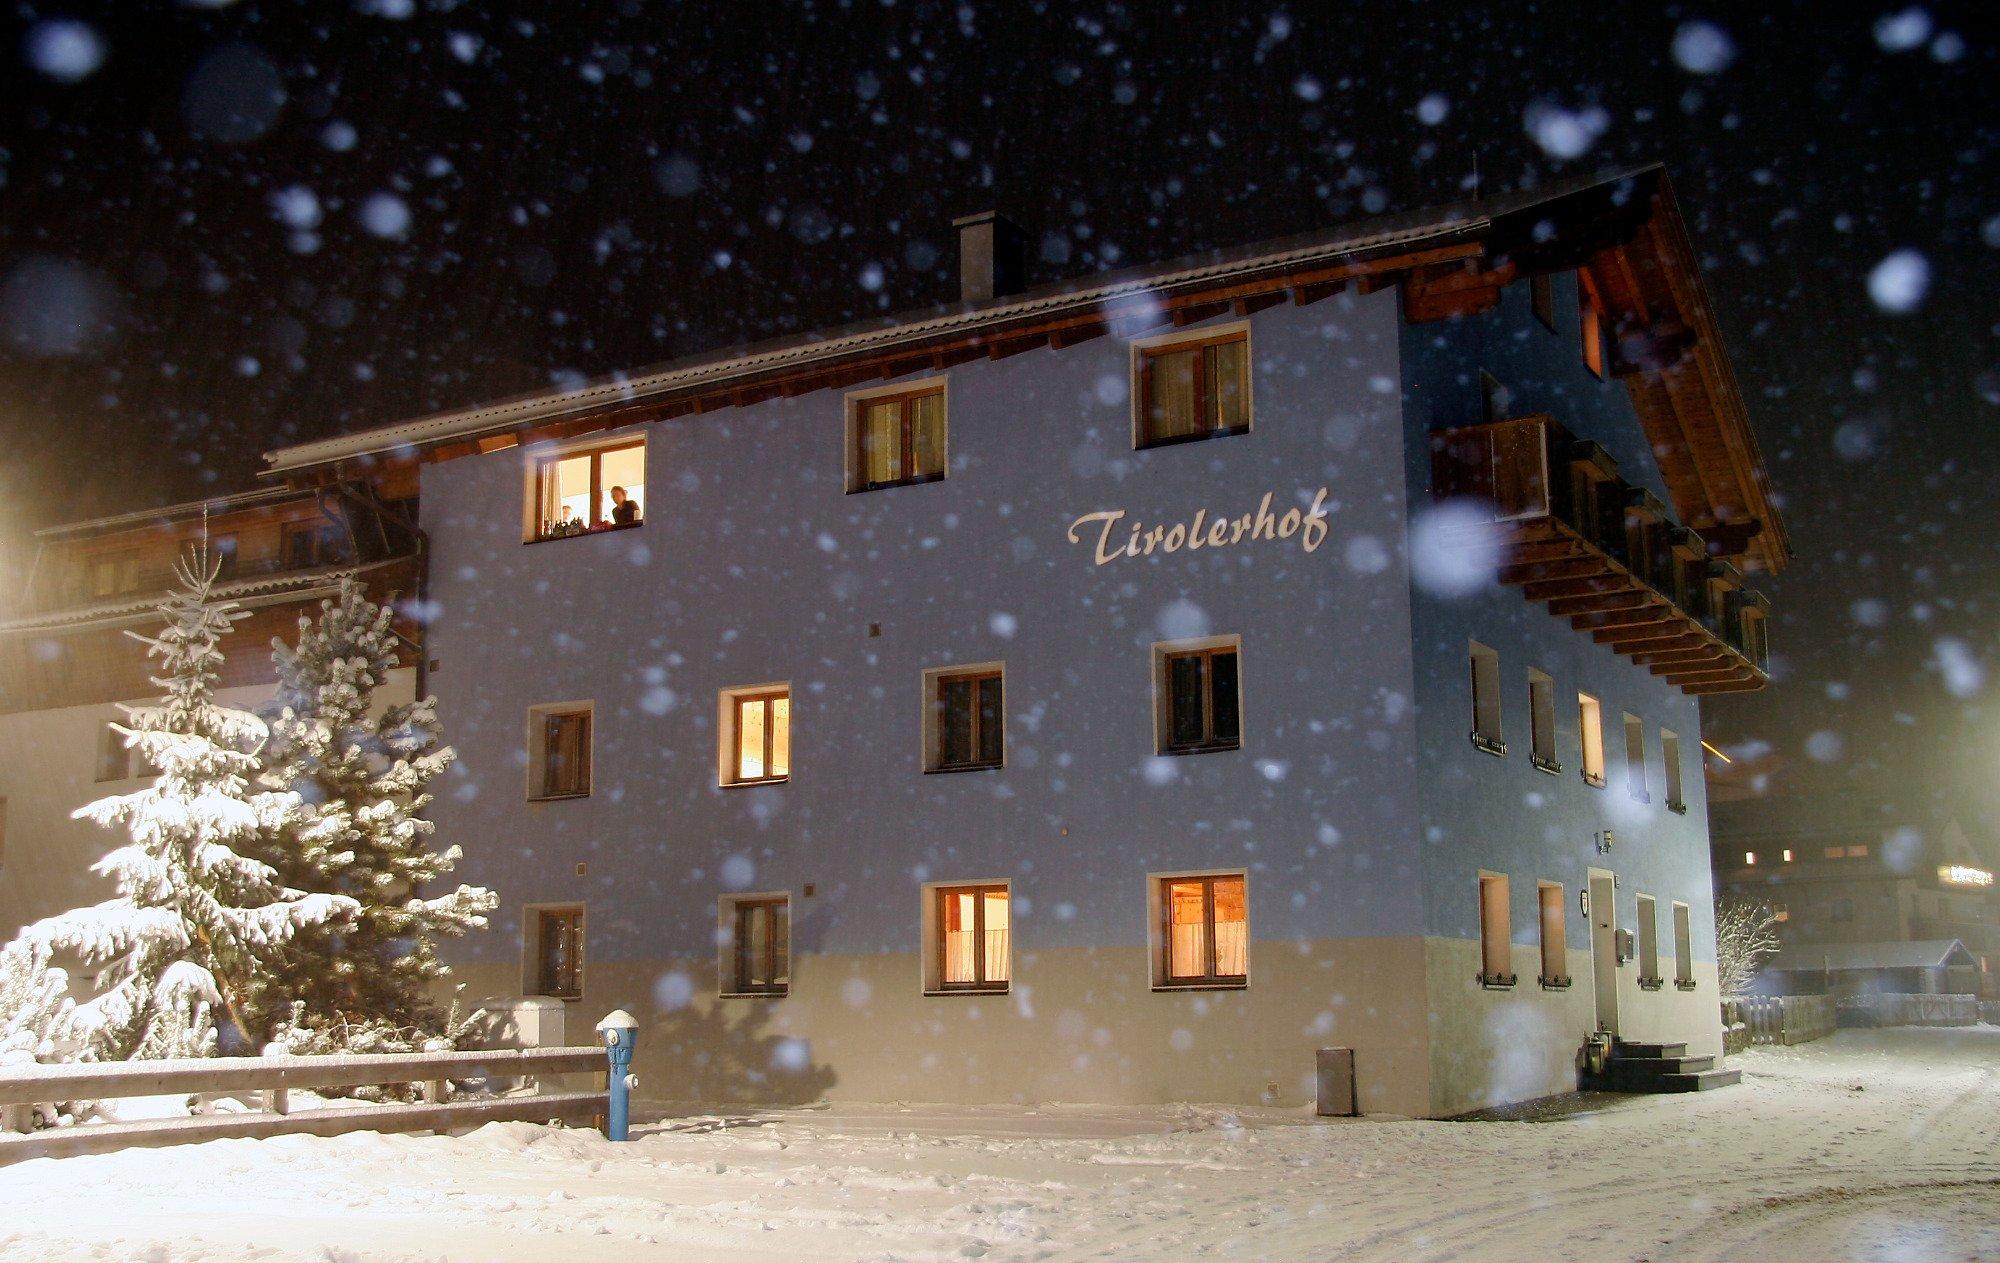 Tirolerhof - Frühstückspension & Appartmenthaus